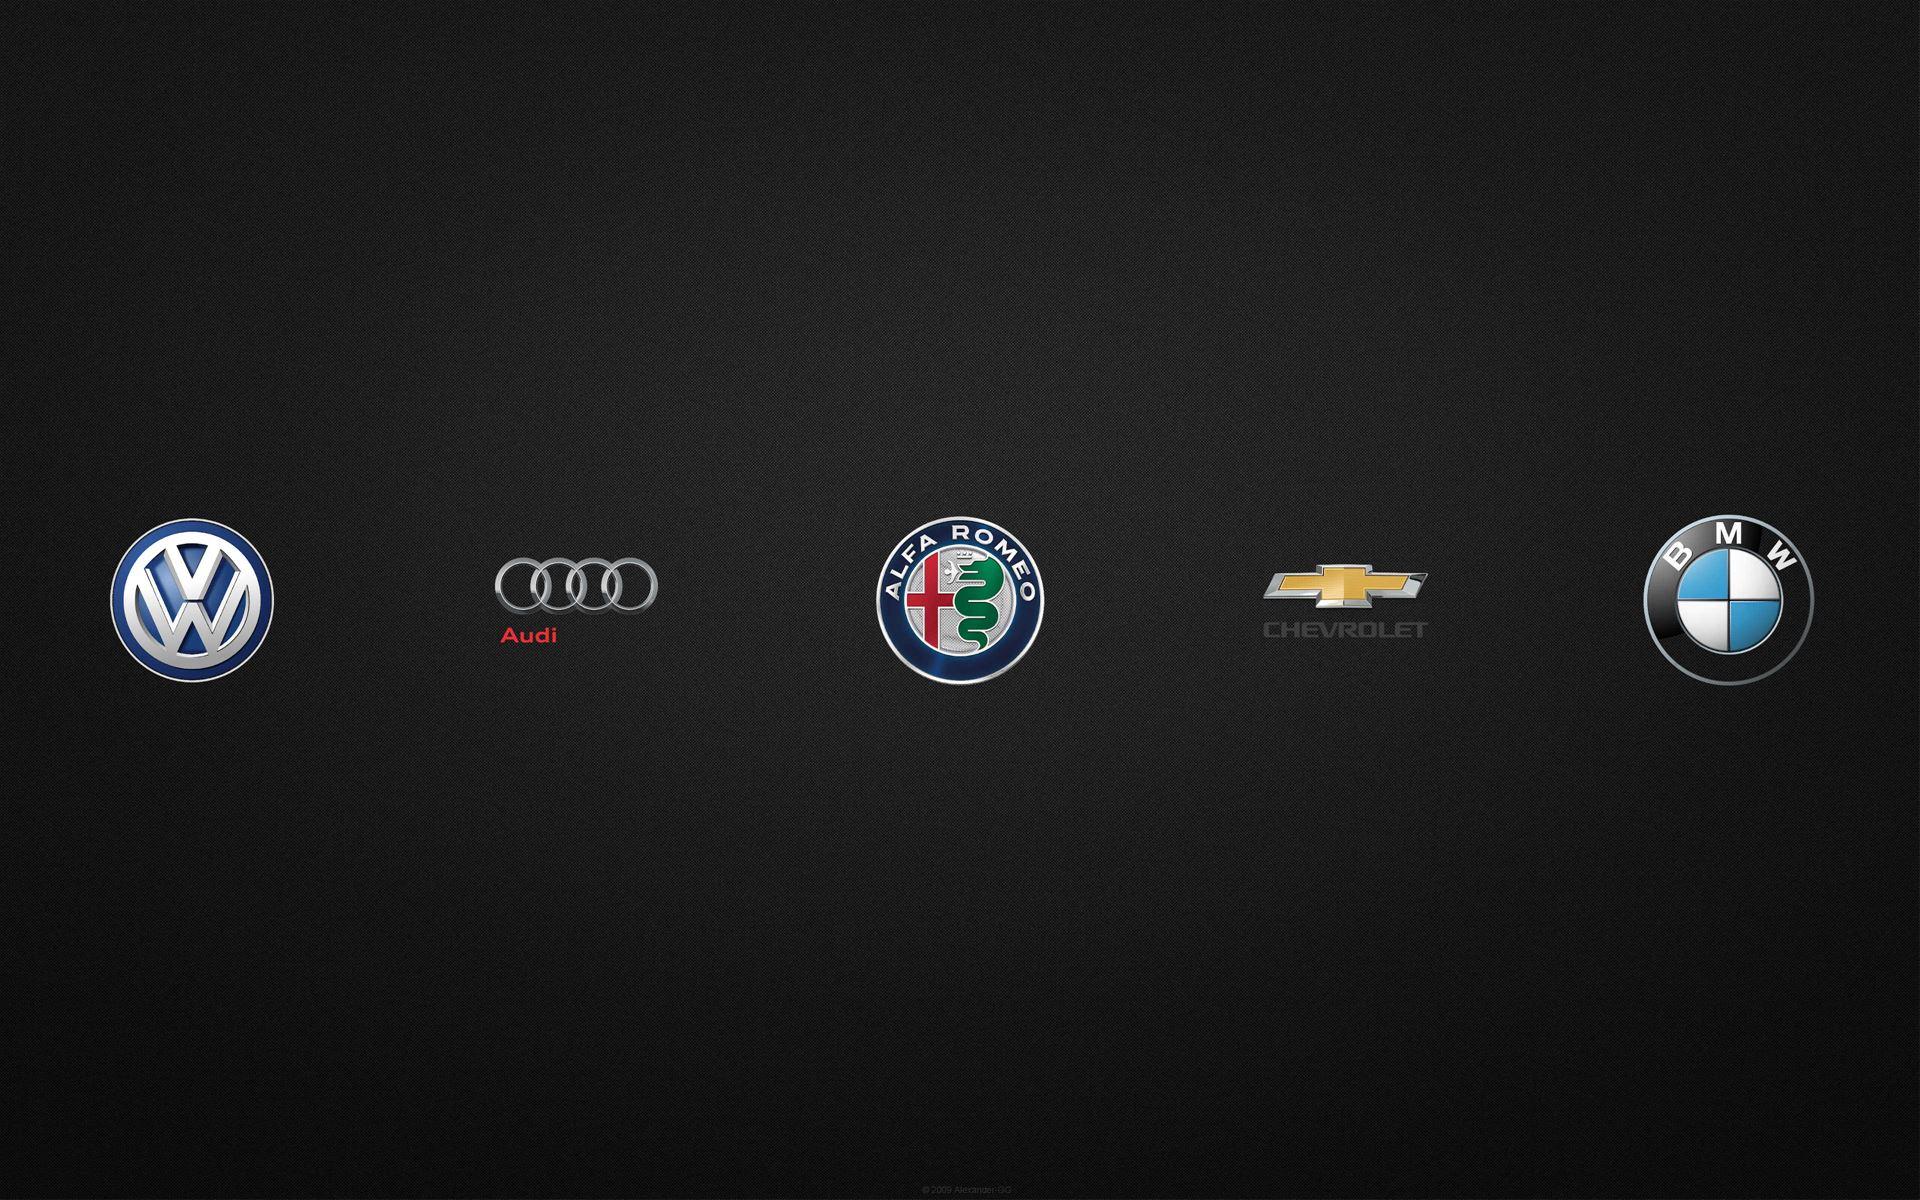 Slika za kategoriju VW - AUDI - ALFA - CHEVROLET - BMW